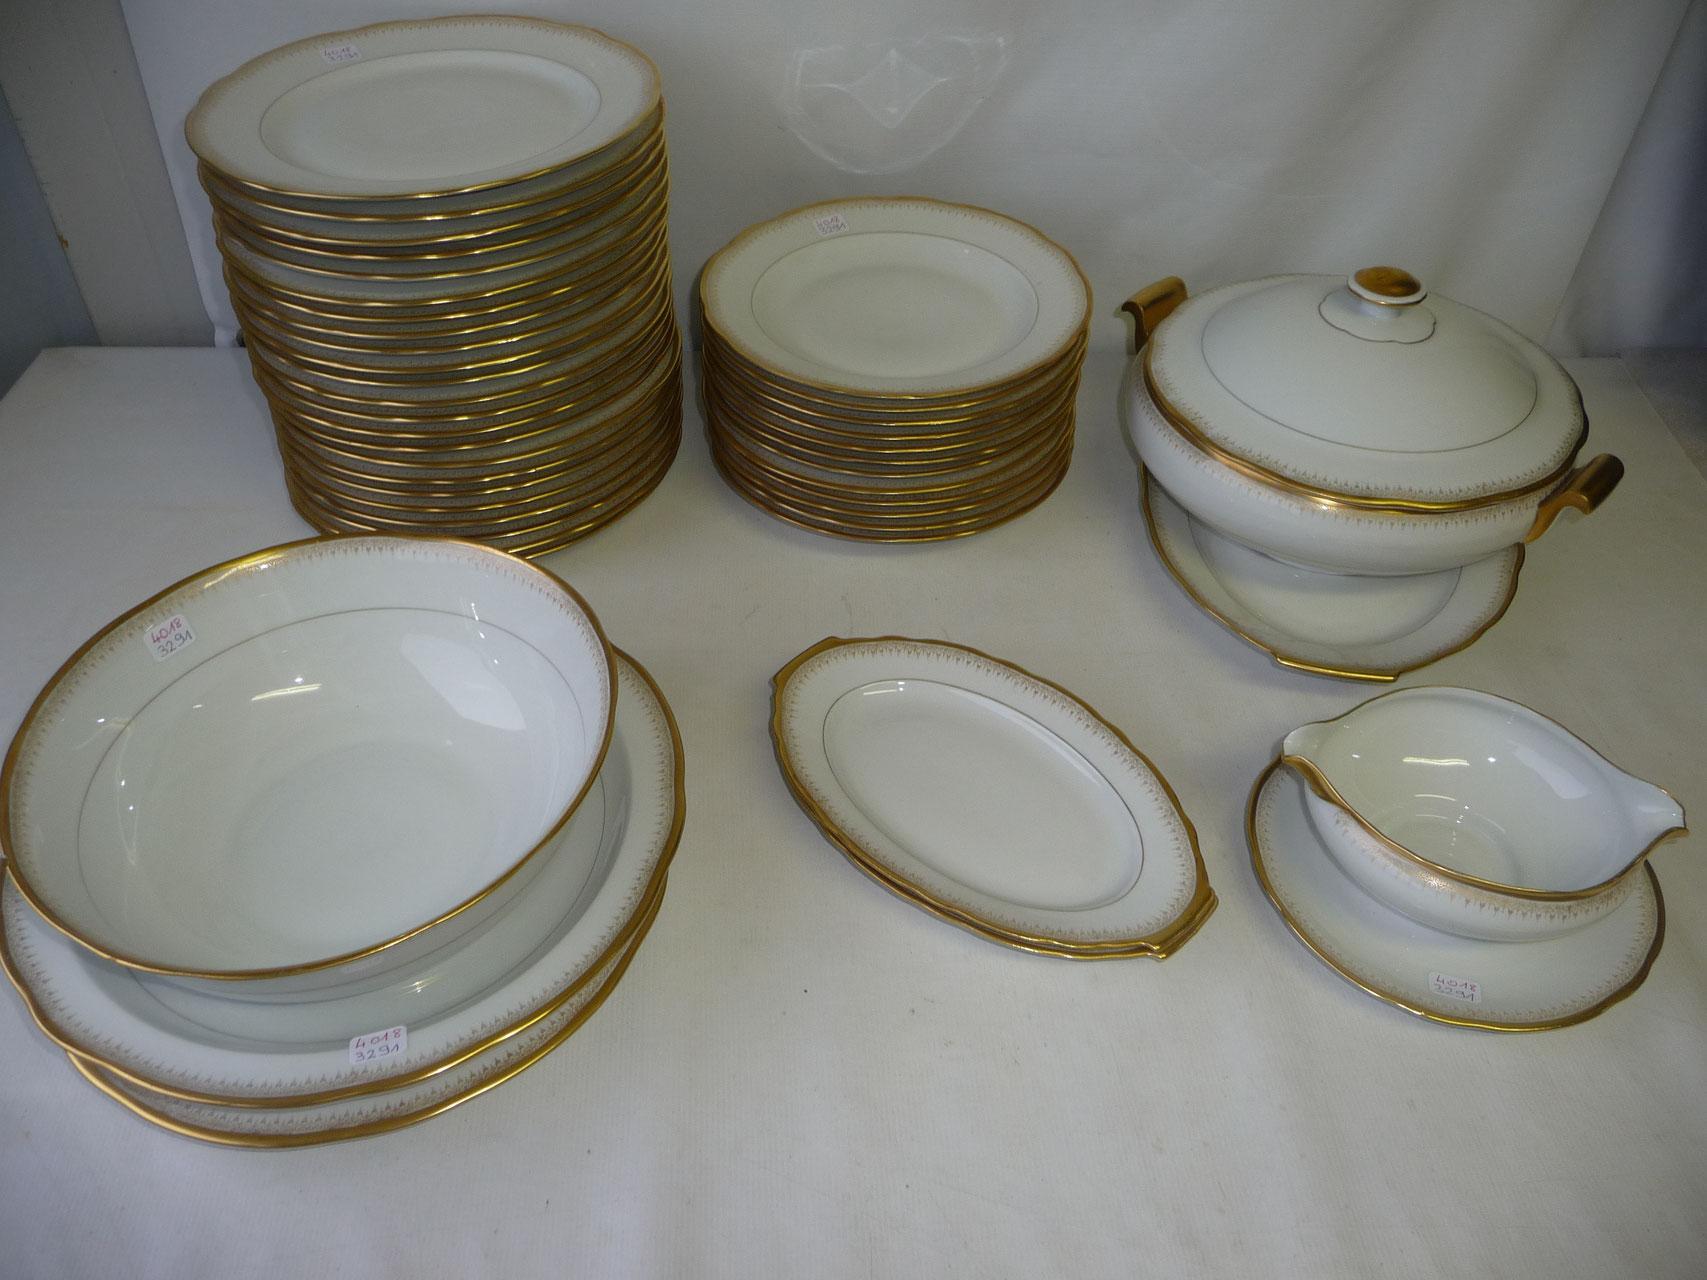 Service de table porcelaine limoges service de table en porcelaine 2011040054 expertissim - Service de table noir ...